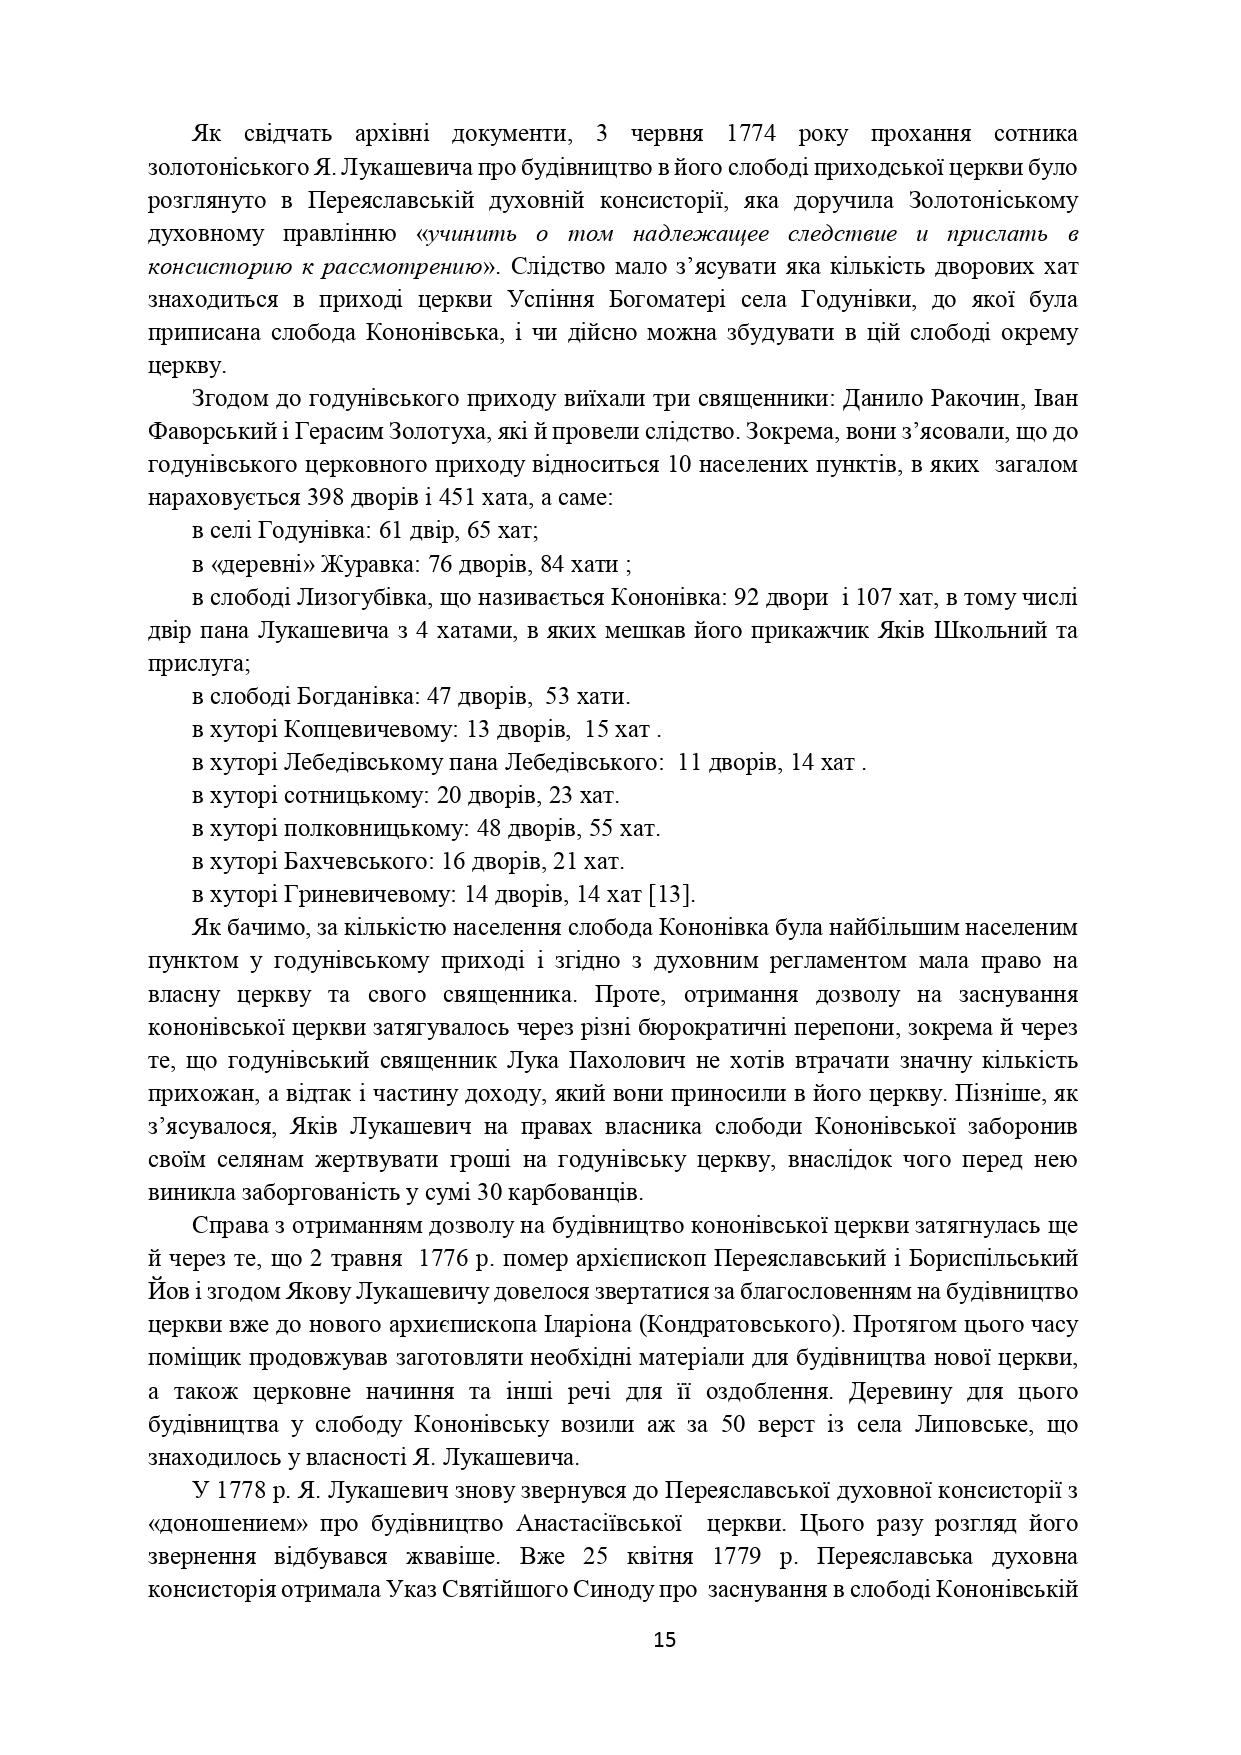 ІСТОРІЯ СЕЛА КОНОНІВКА 2021 (1)_page-0015